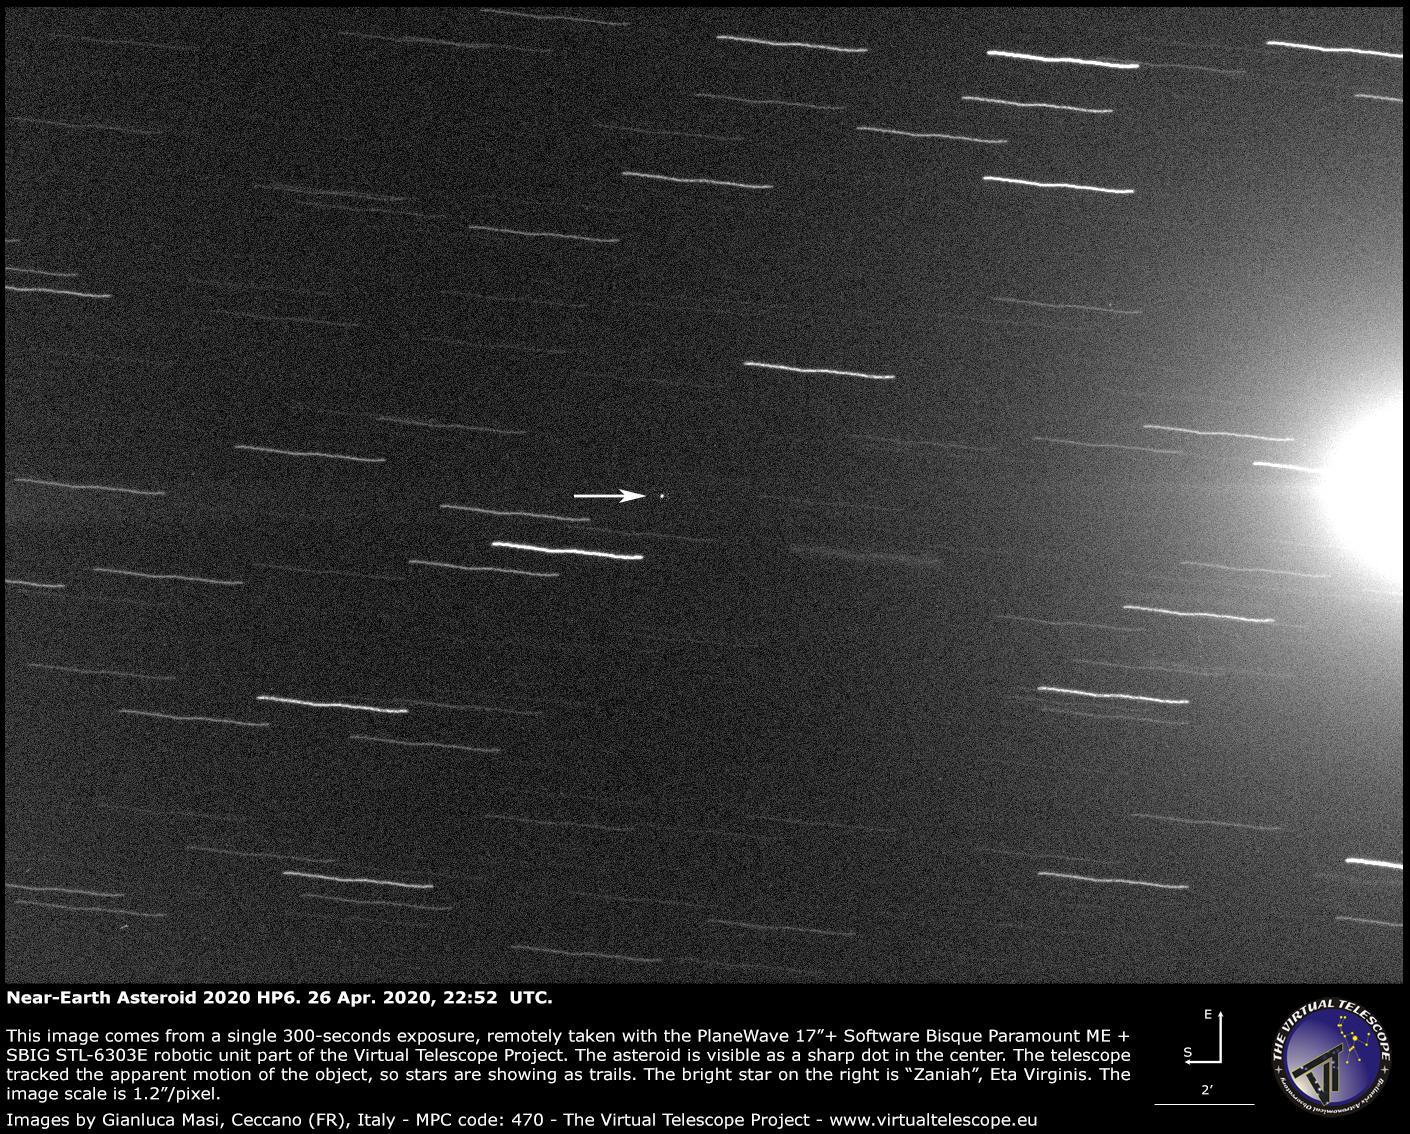 Near-Earth Asteroid 2020 HP6 - 26 Apr. 2020.